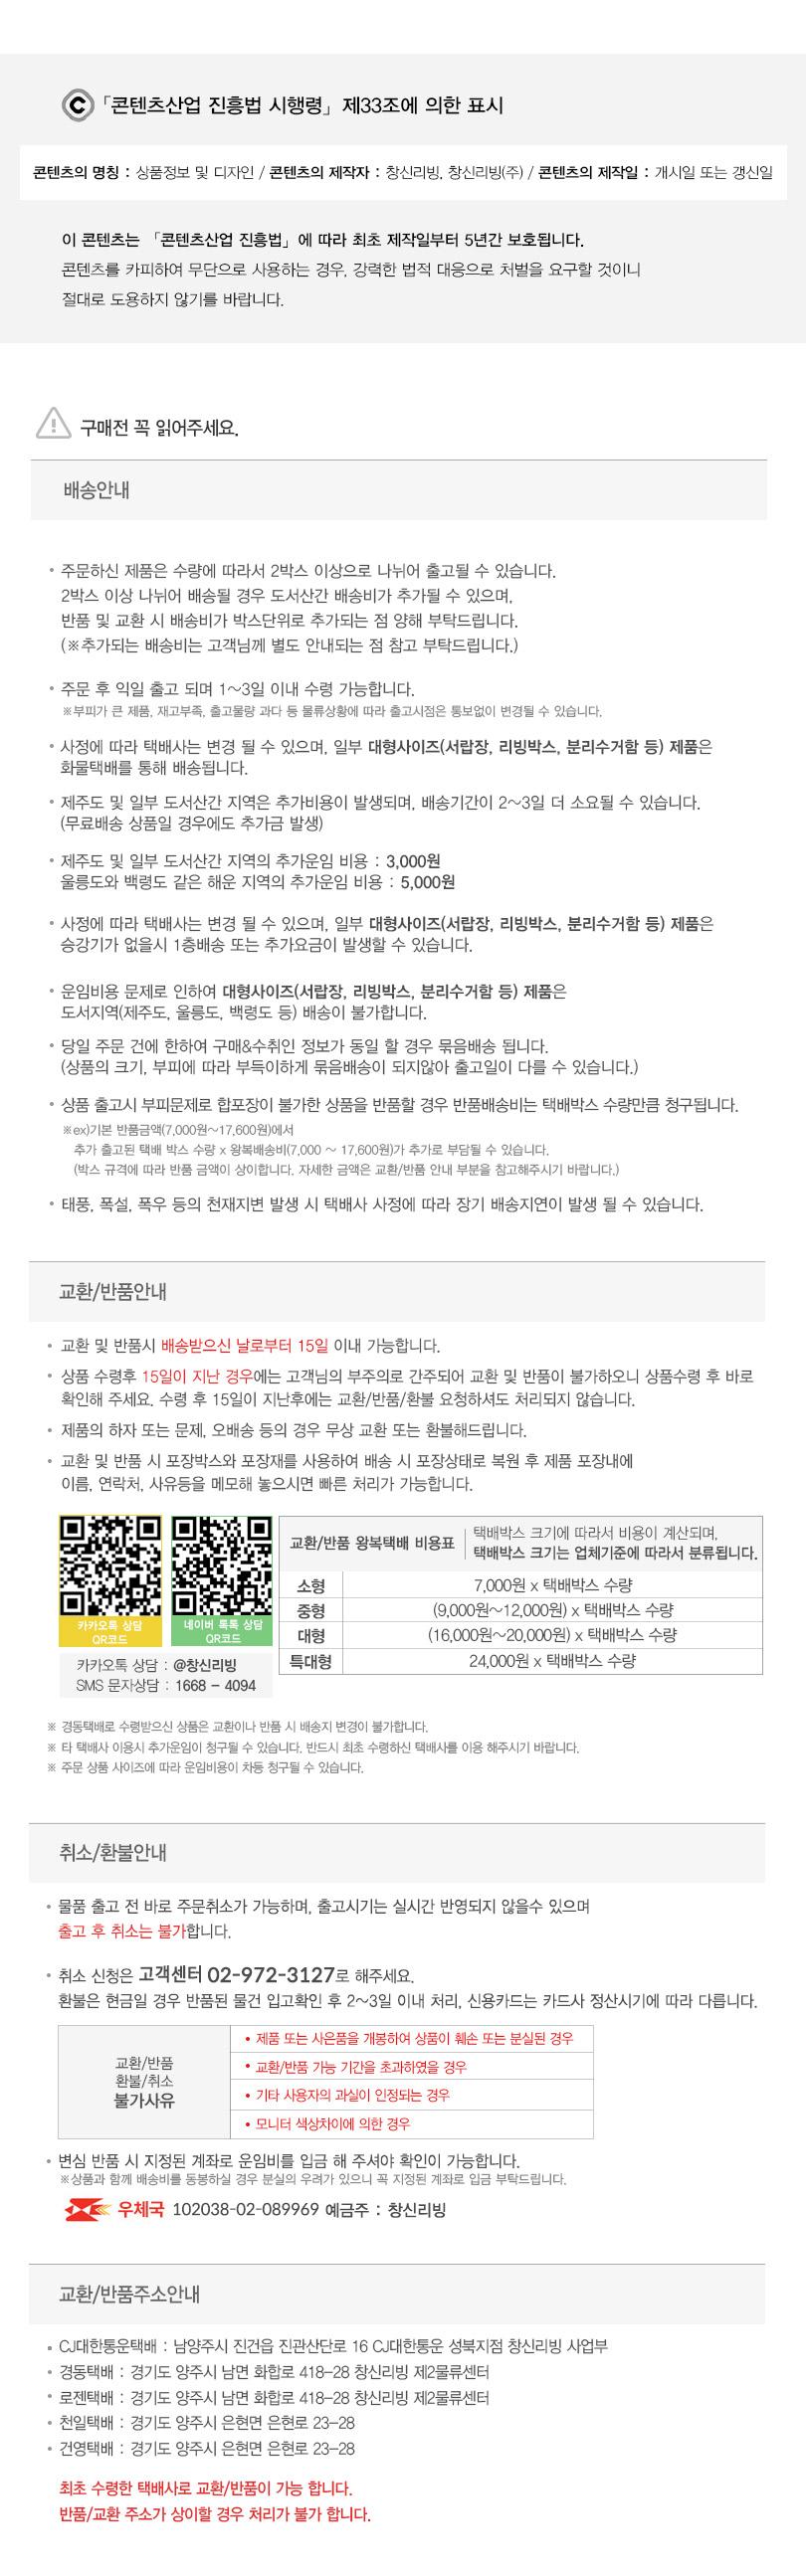 리빙박스18L_WH - 창신리빙, 11,000원, 정리/리빙박스, 플라스틱 리빙박스